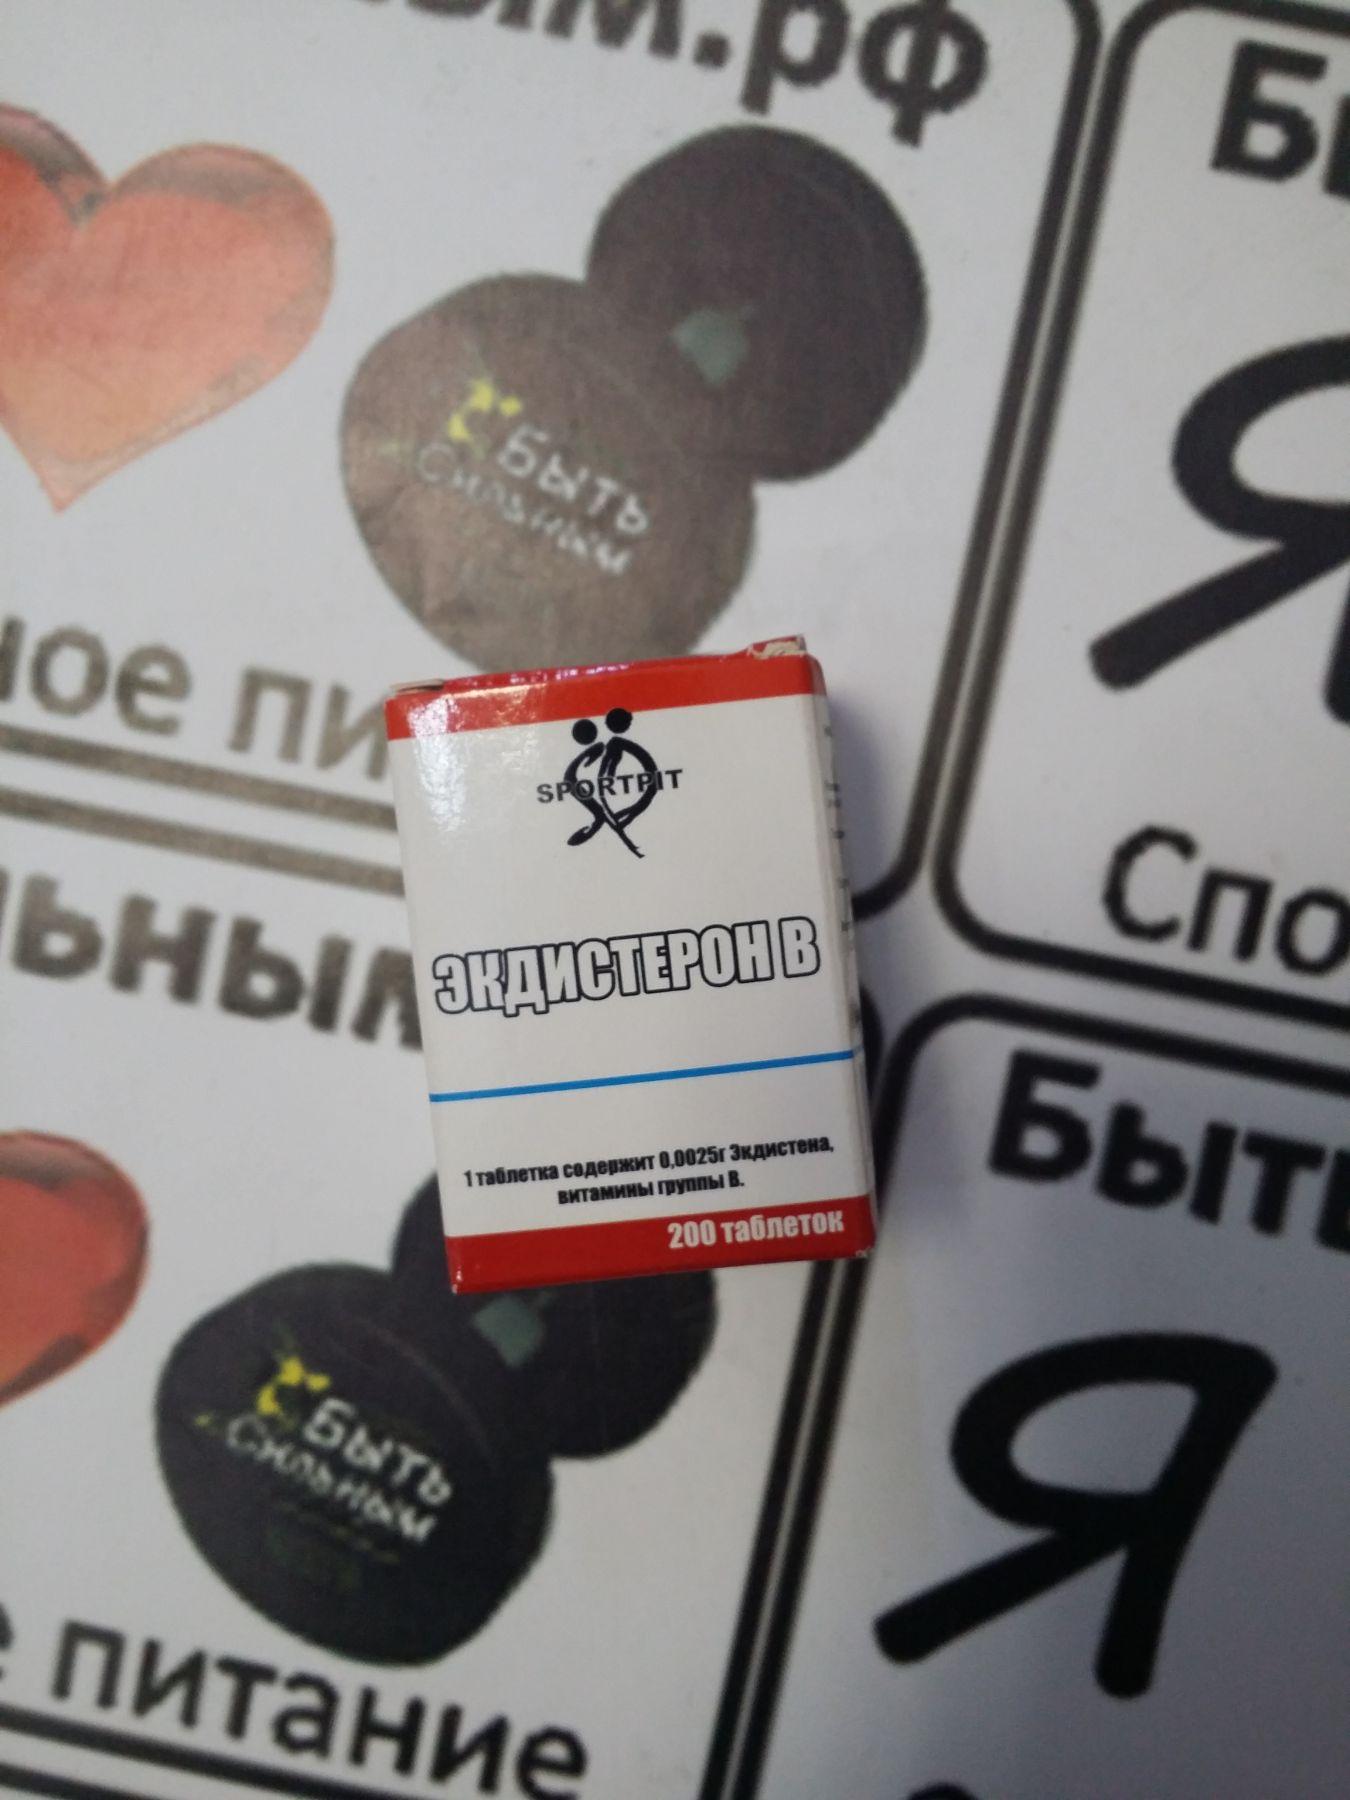 SportPit - Экдистерон